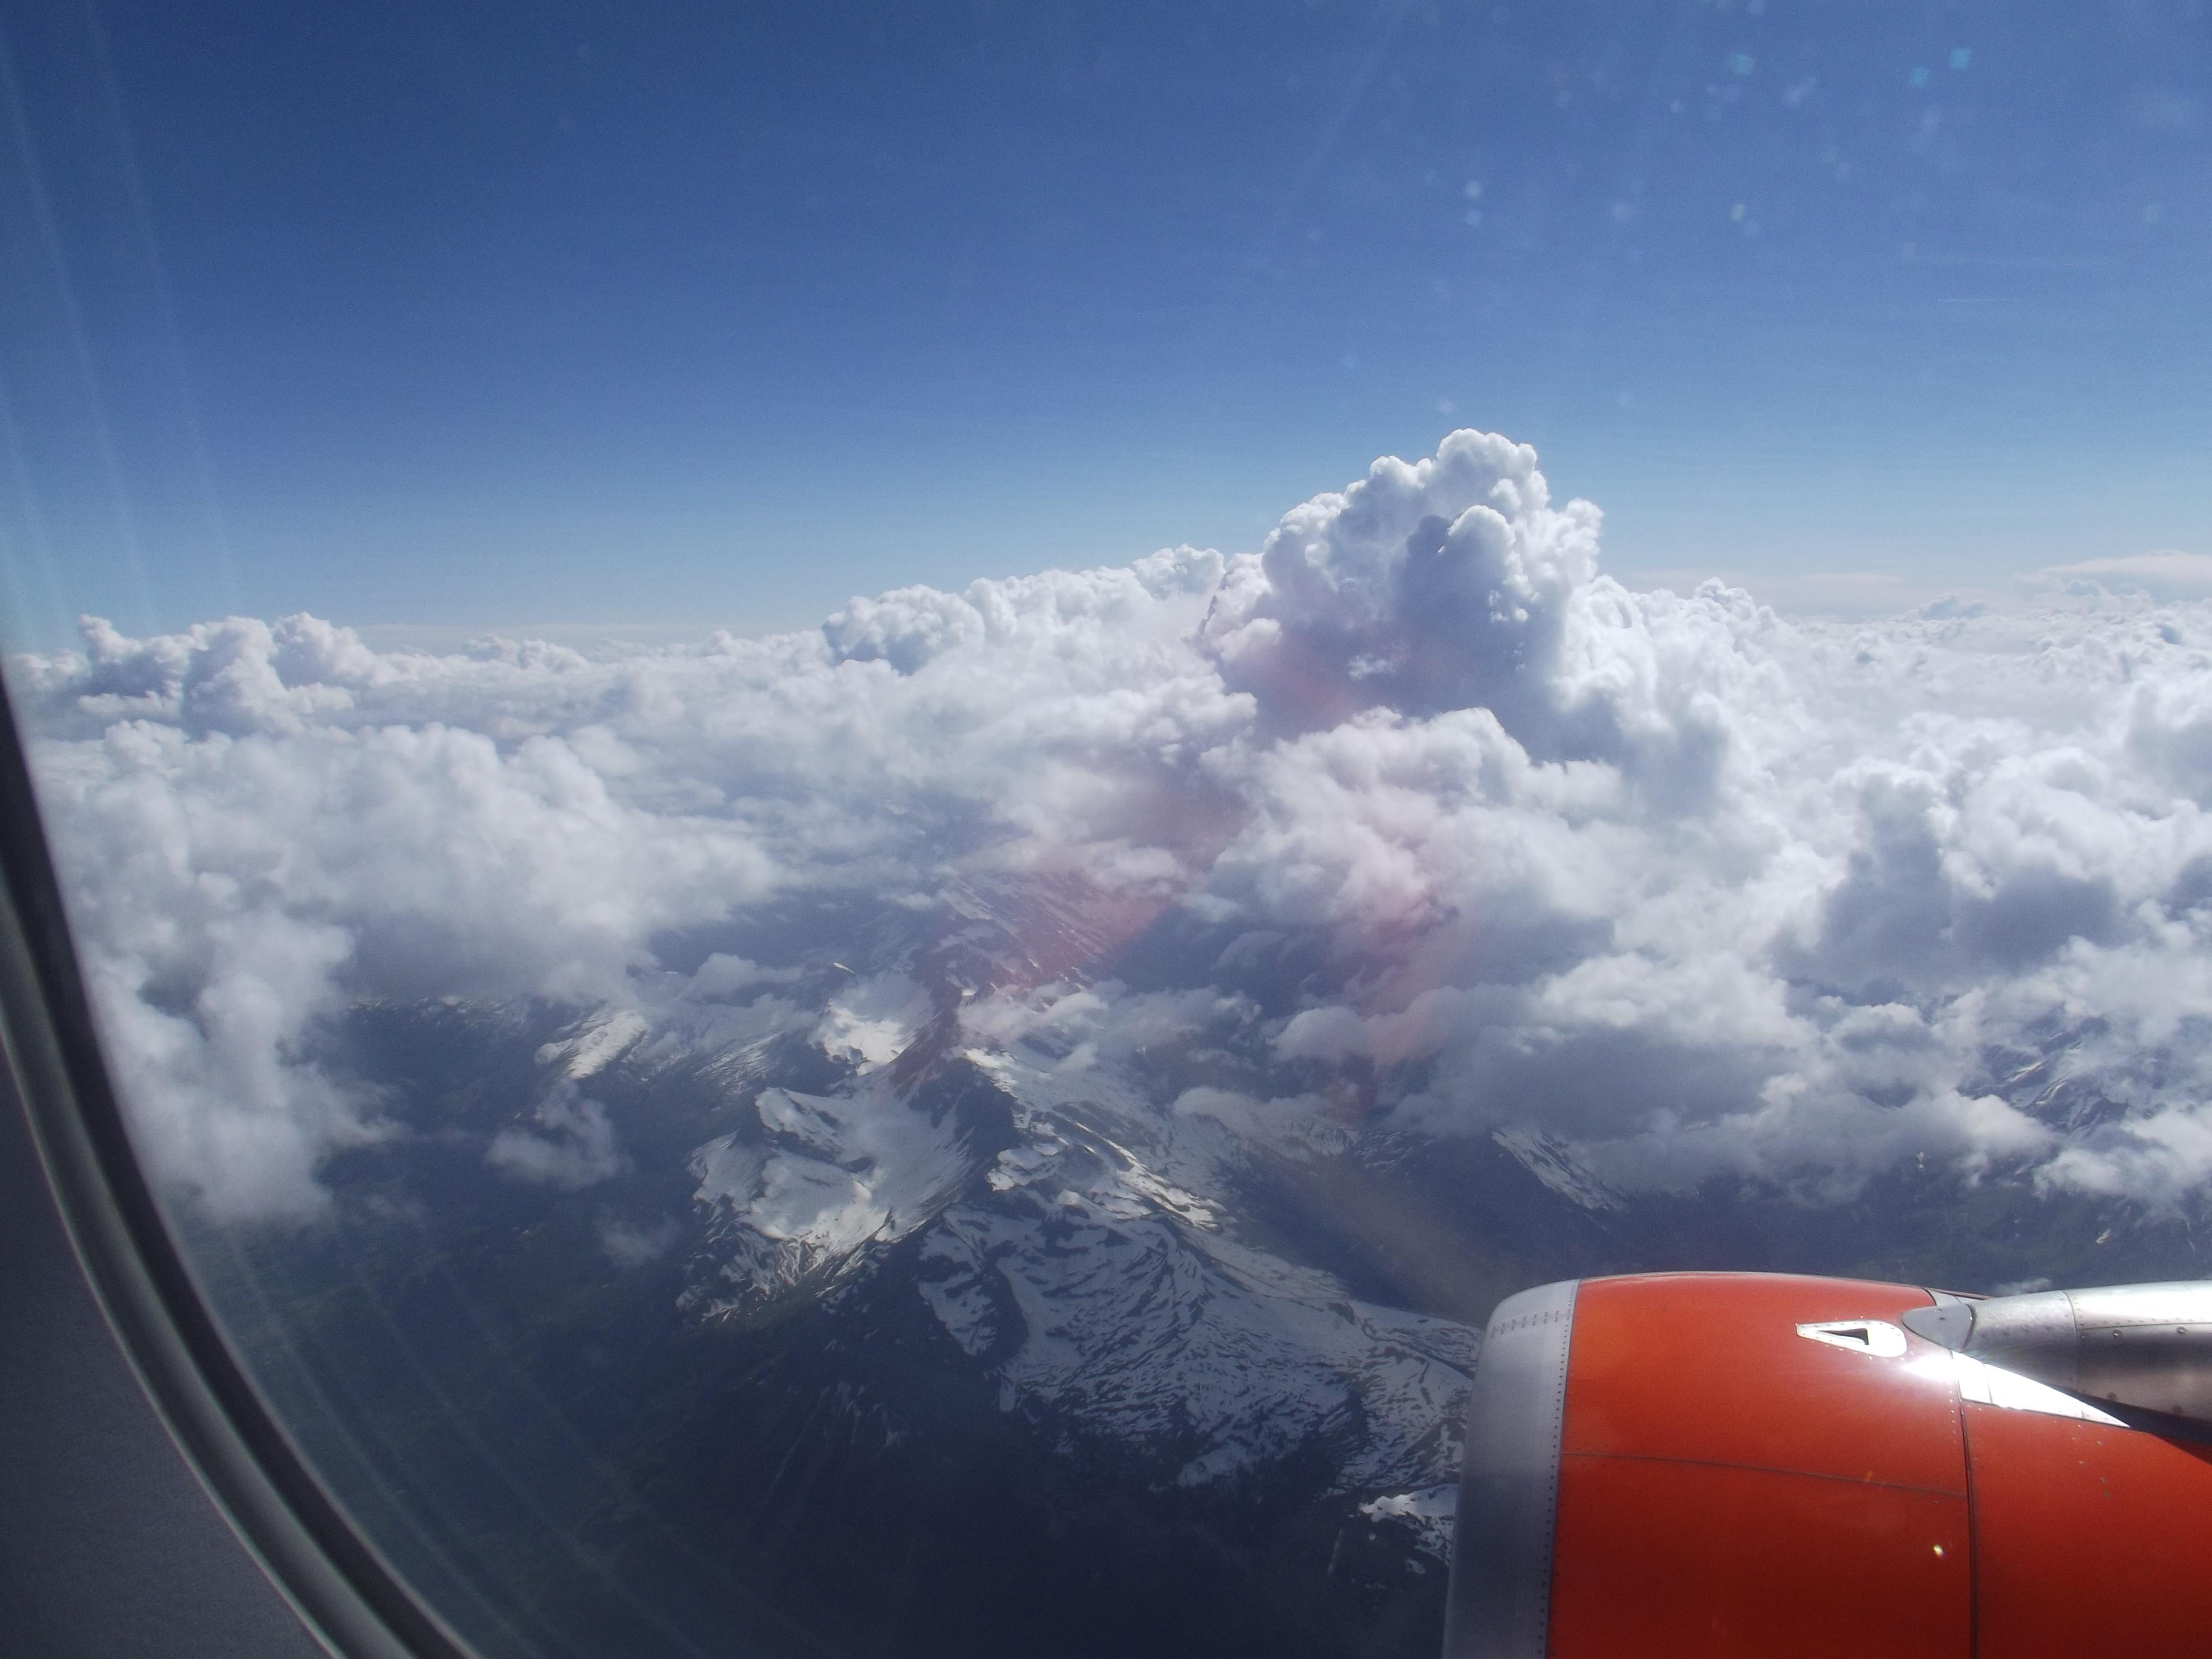 vue sur la montagne depuis l'avion